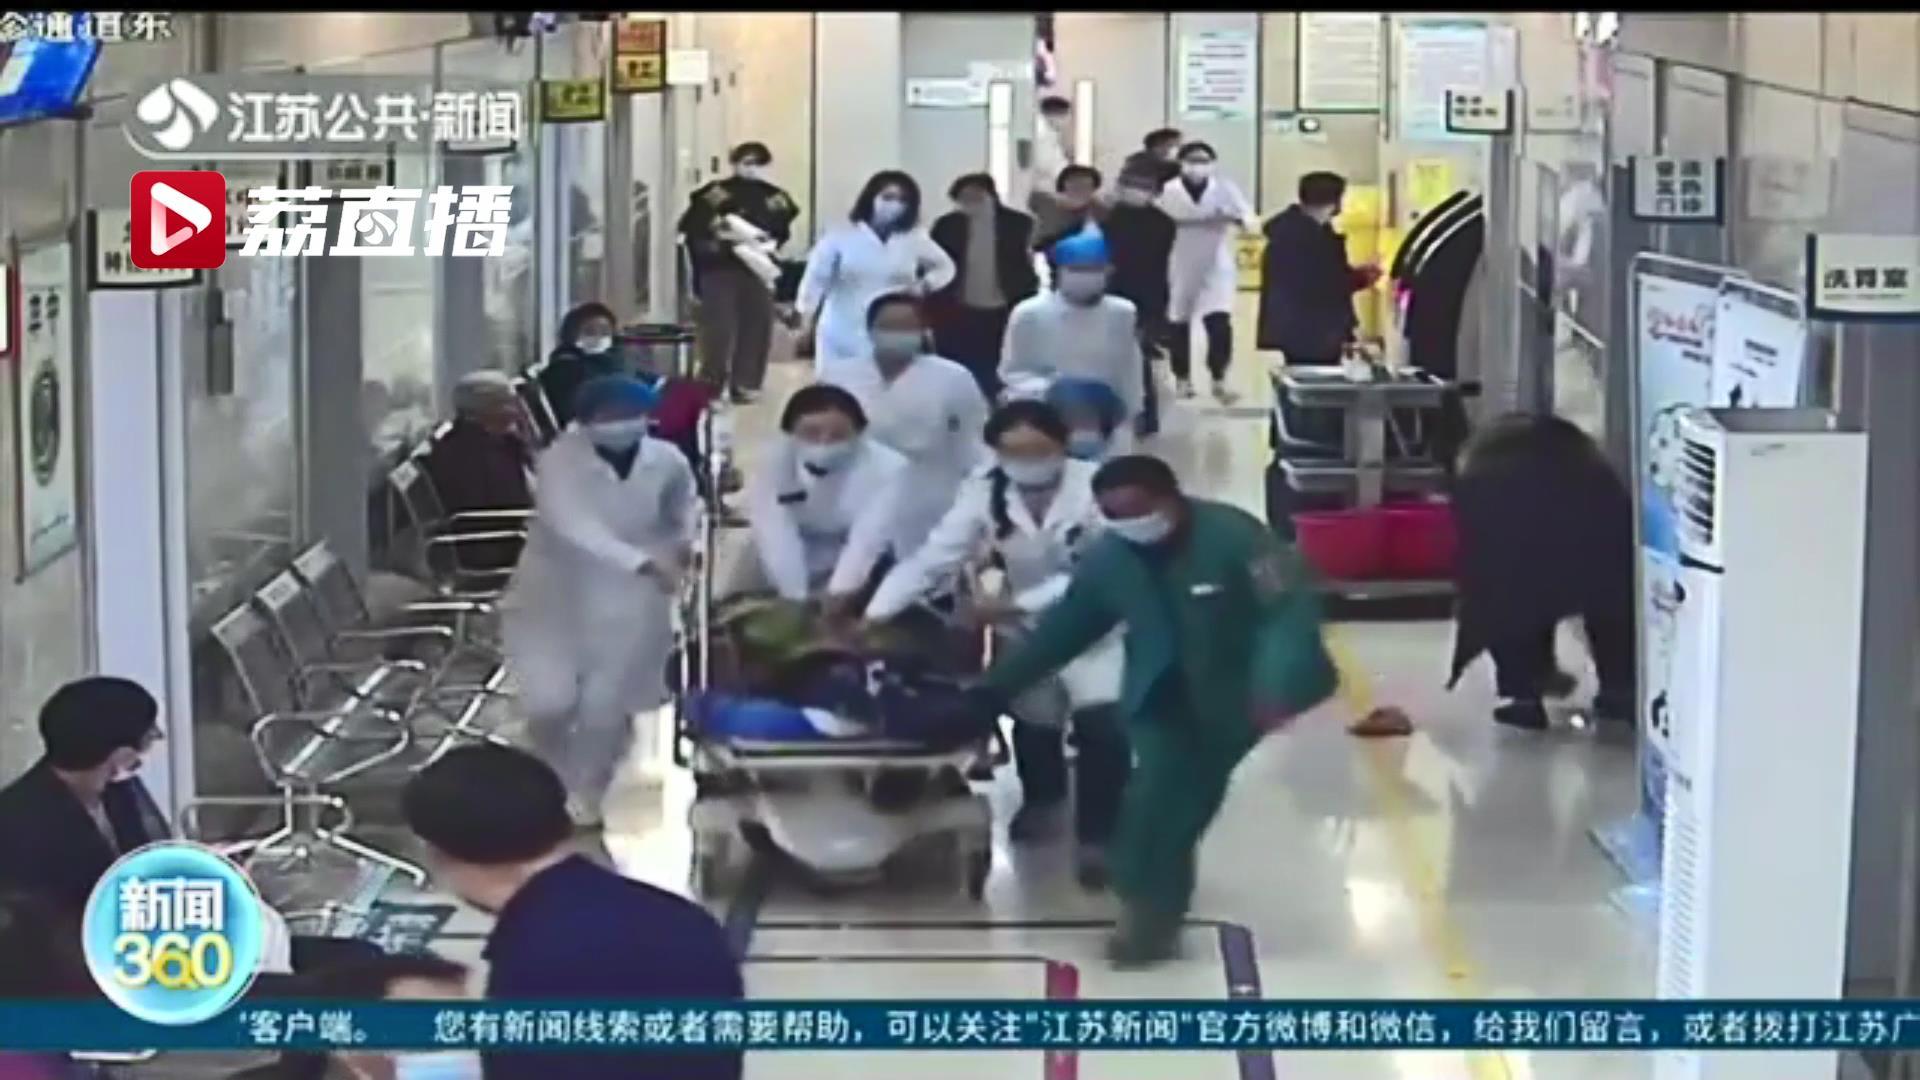 患者就诊时心脏骤停 淮安一护士长紧急心肺复苏